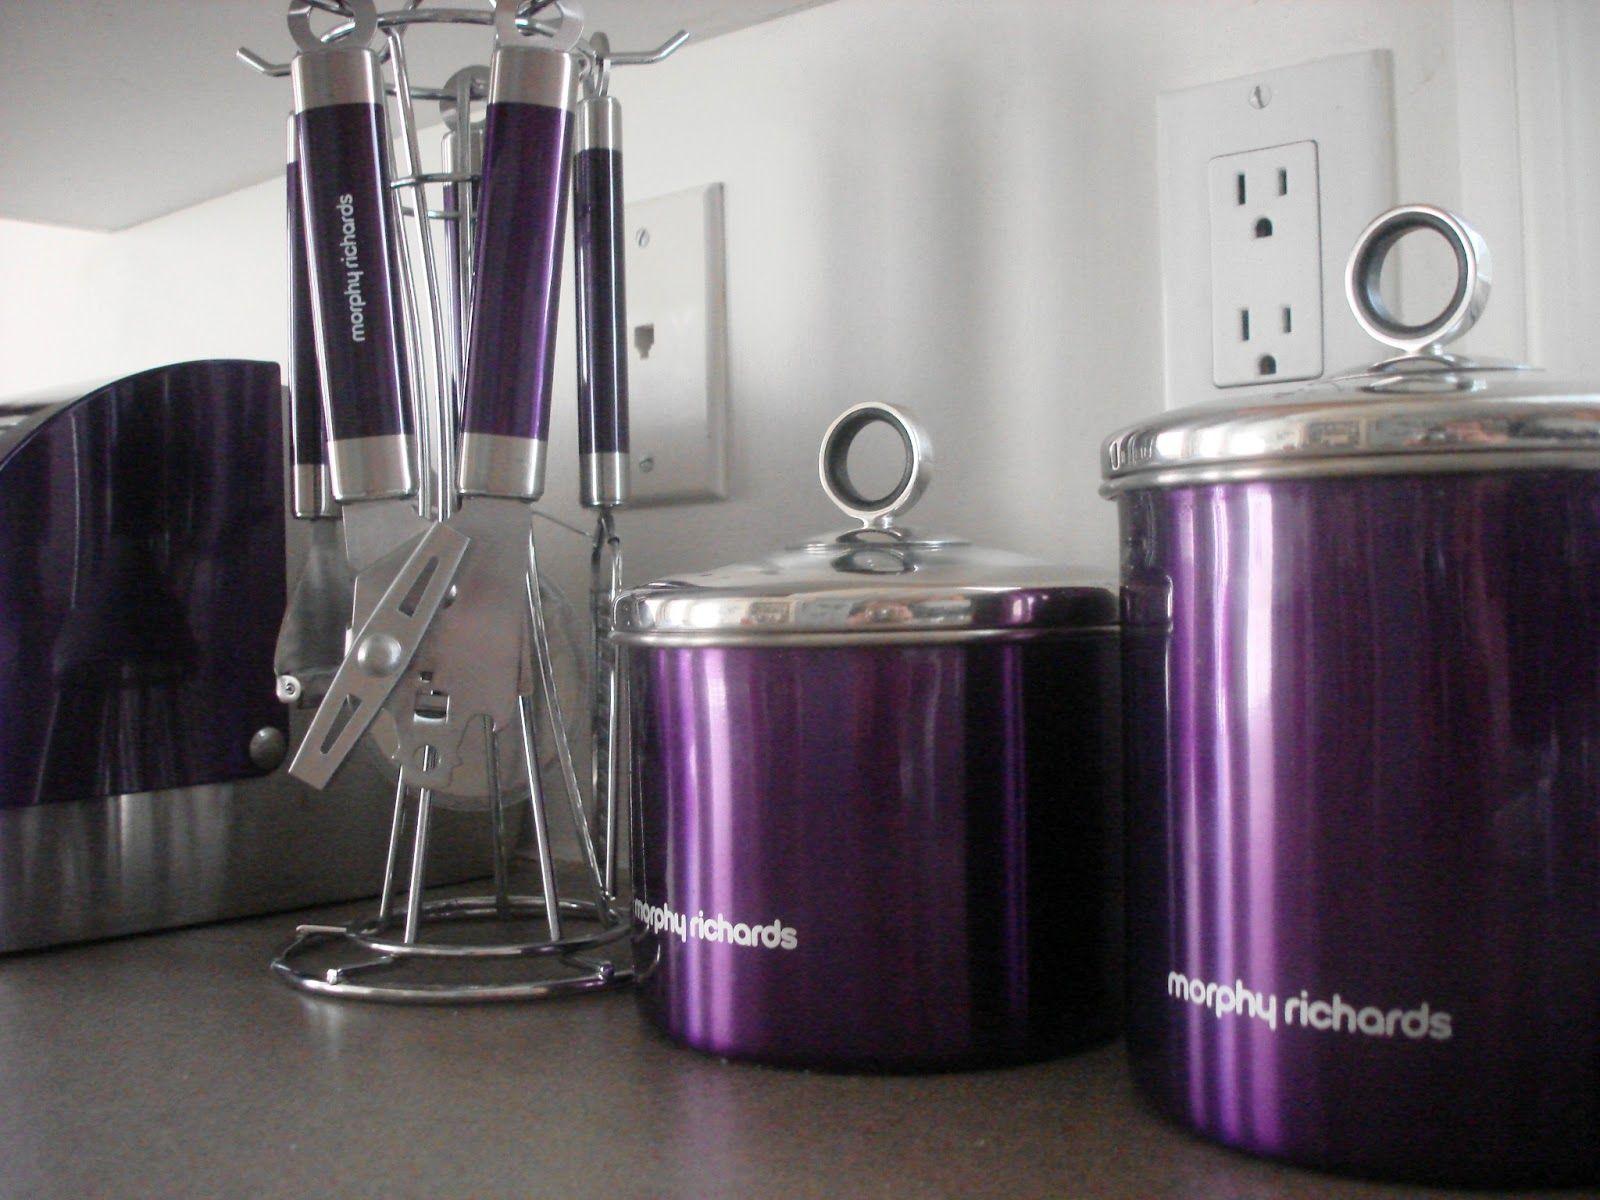 Purple Kitchen Accessories Morphy Richards Uk Kitchen Accessories